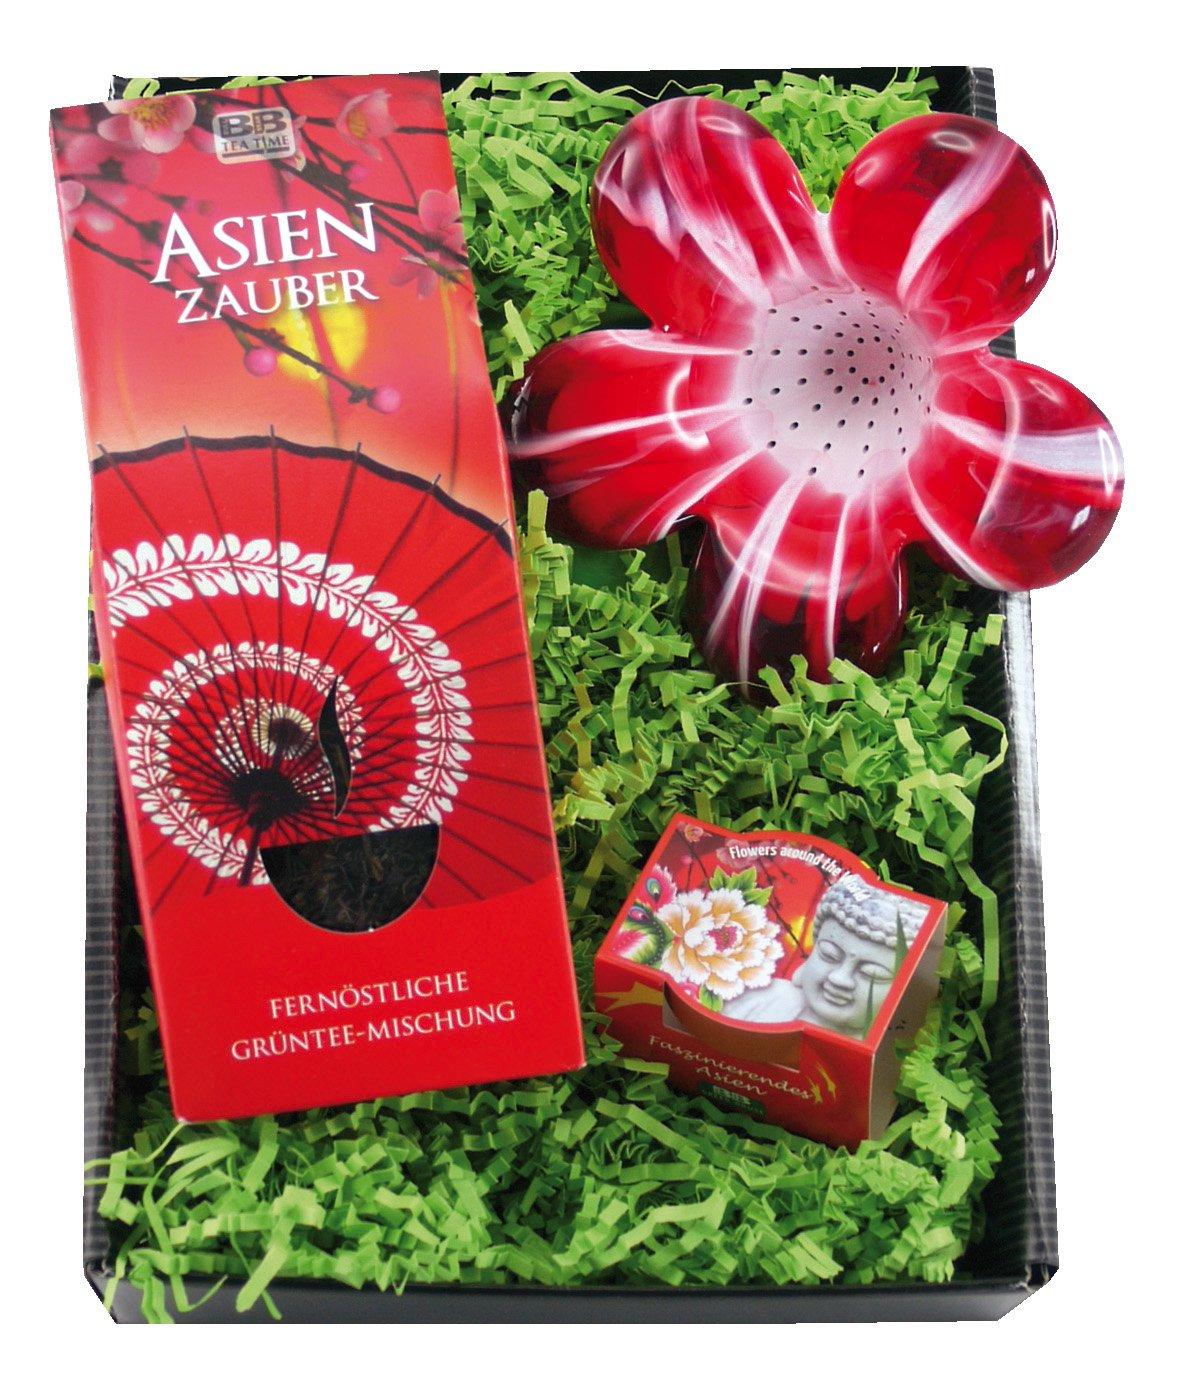 Amazoncom Tee Geschenk Set Asien Zauber Grocery